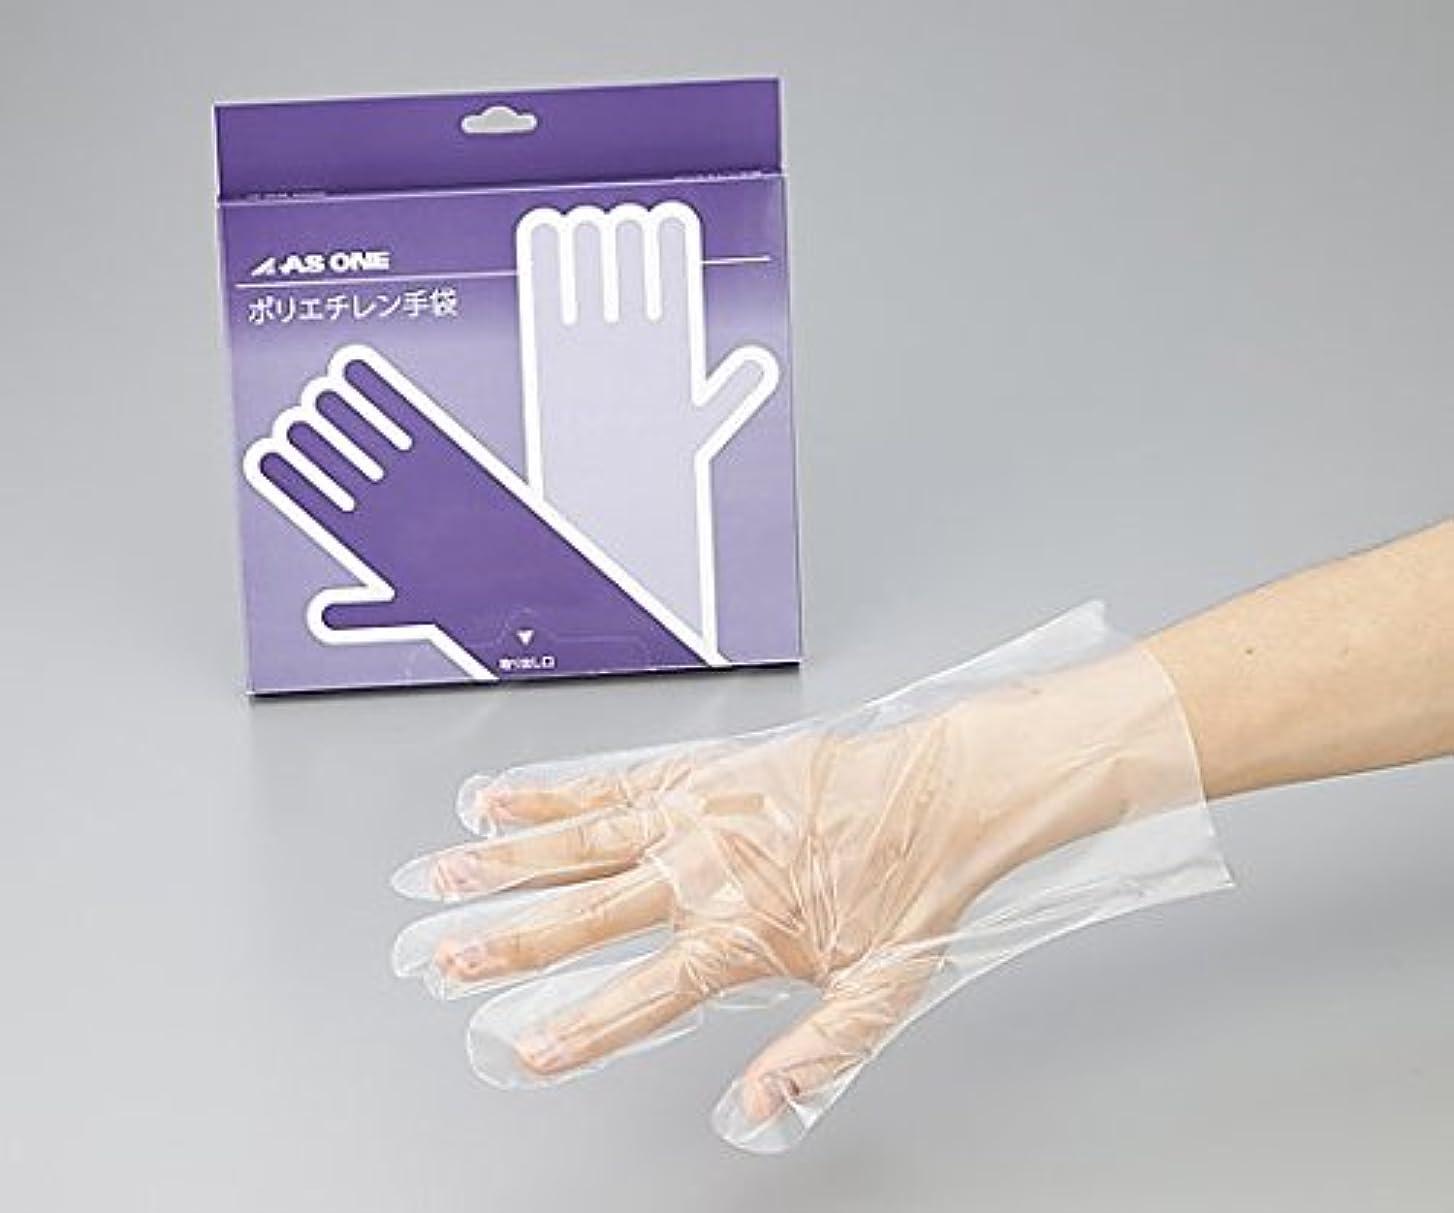 モナリザケニア指定するアズワン2-4975-01ポリエチレン手袋エコノミー薄手外エンボス付L100枚入